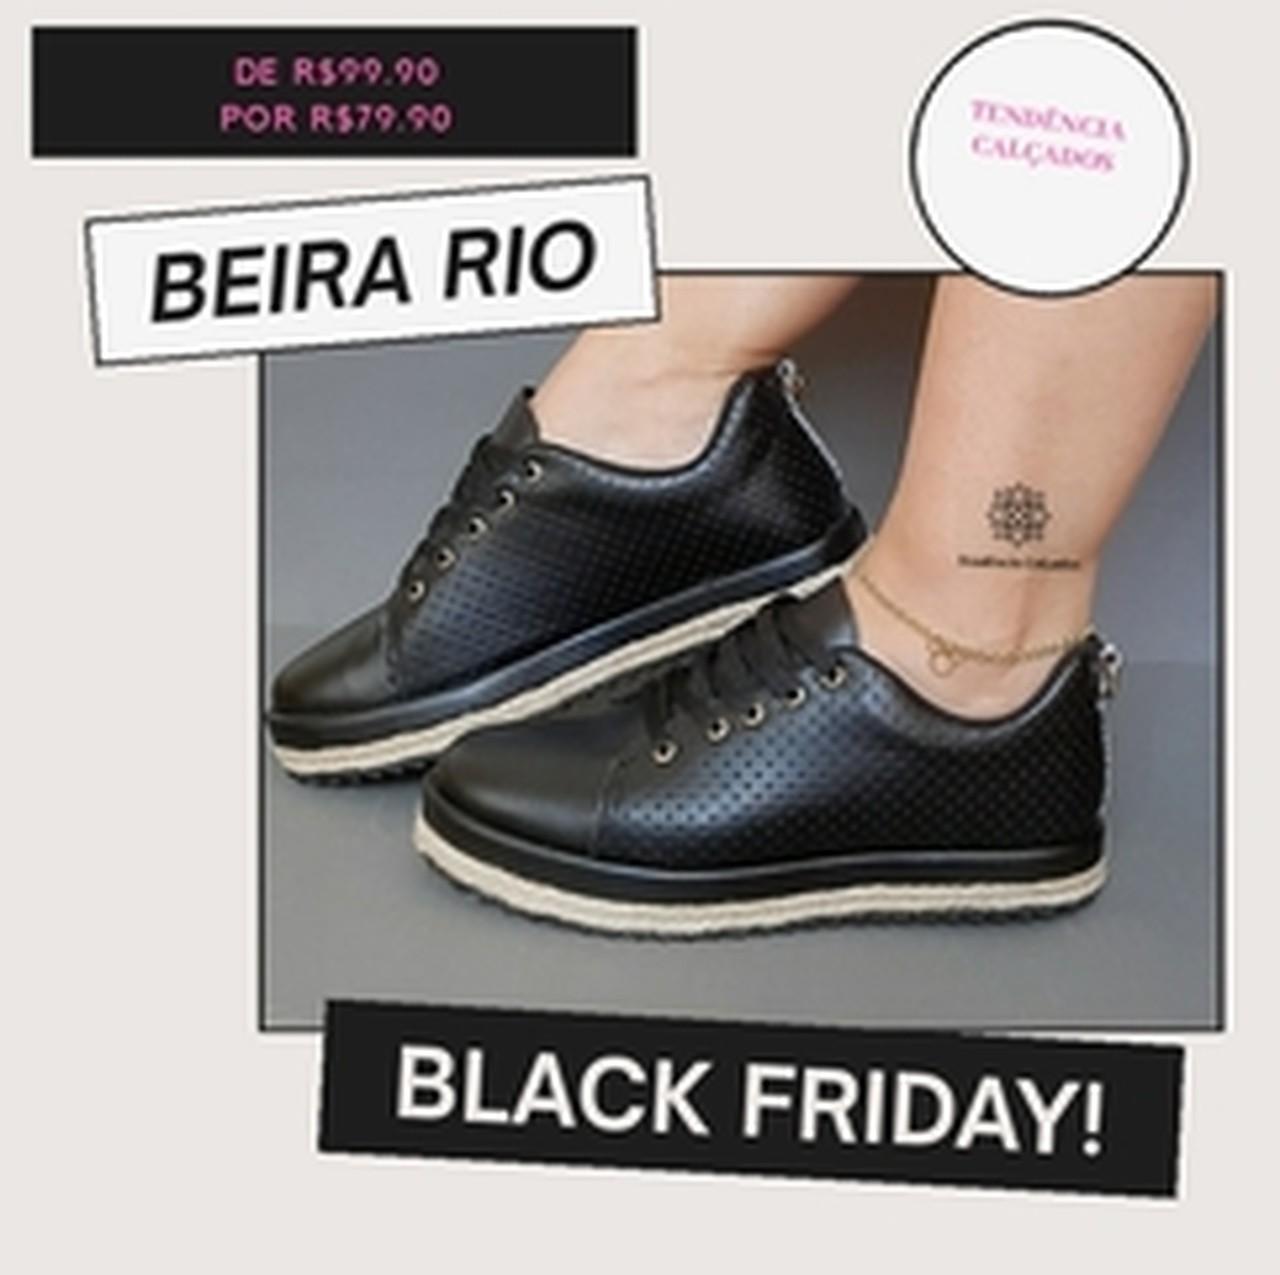 TÊNIS BEIRA RIO  PRETO  4196.808.21042.33629